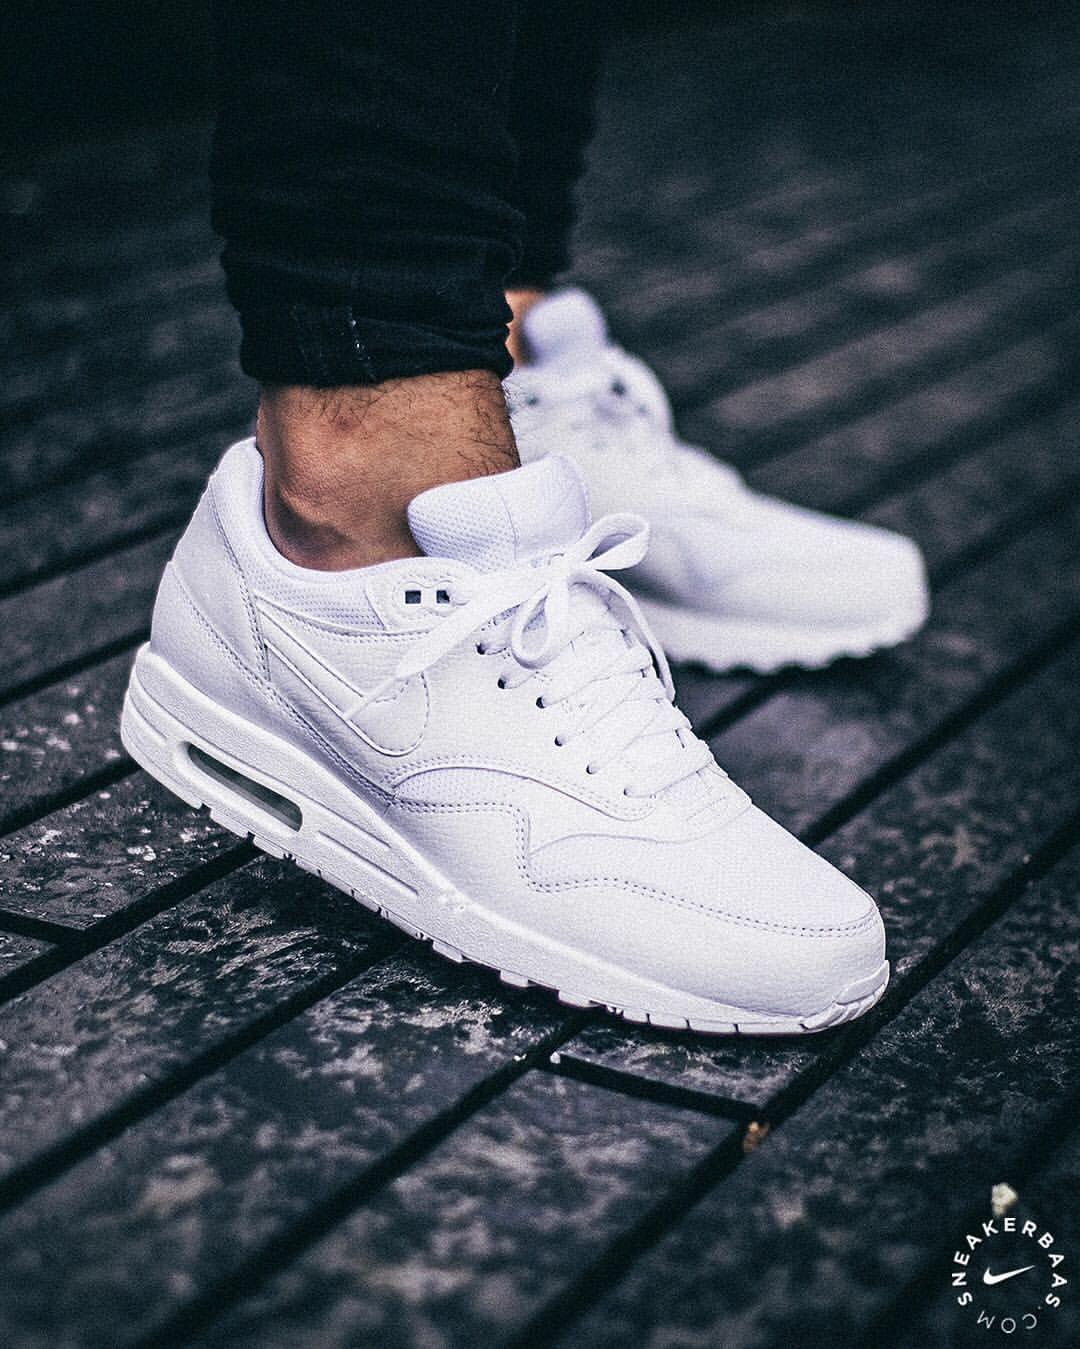 cheap for discount 8a66d 21a27 Nike Air Max 1 Premium Triple White  sneakers  sneakernews  StreetStyle   Kicks  adidas  nike  vans  newbalance  puma  ADIDAS  ASICS  CONVERSE   DIADORA ...